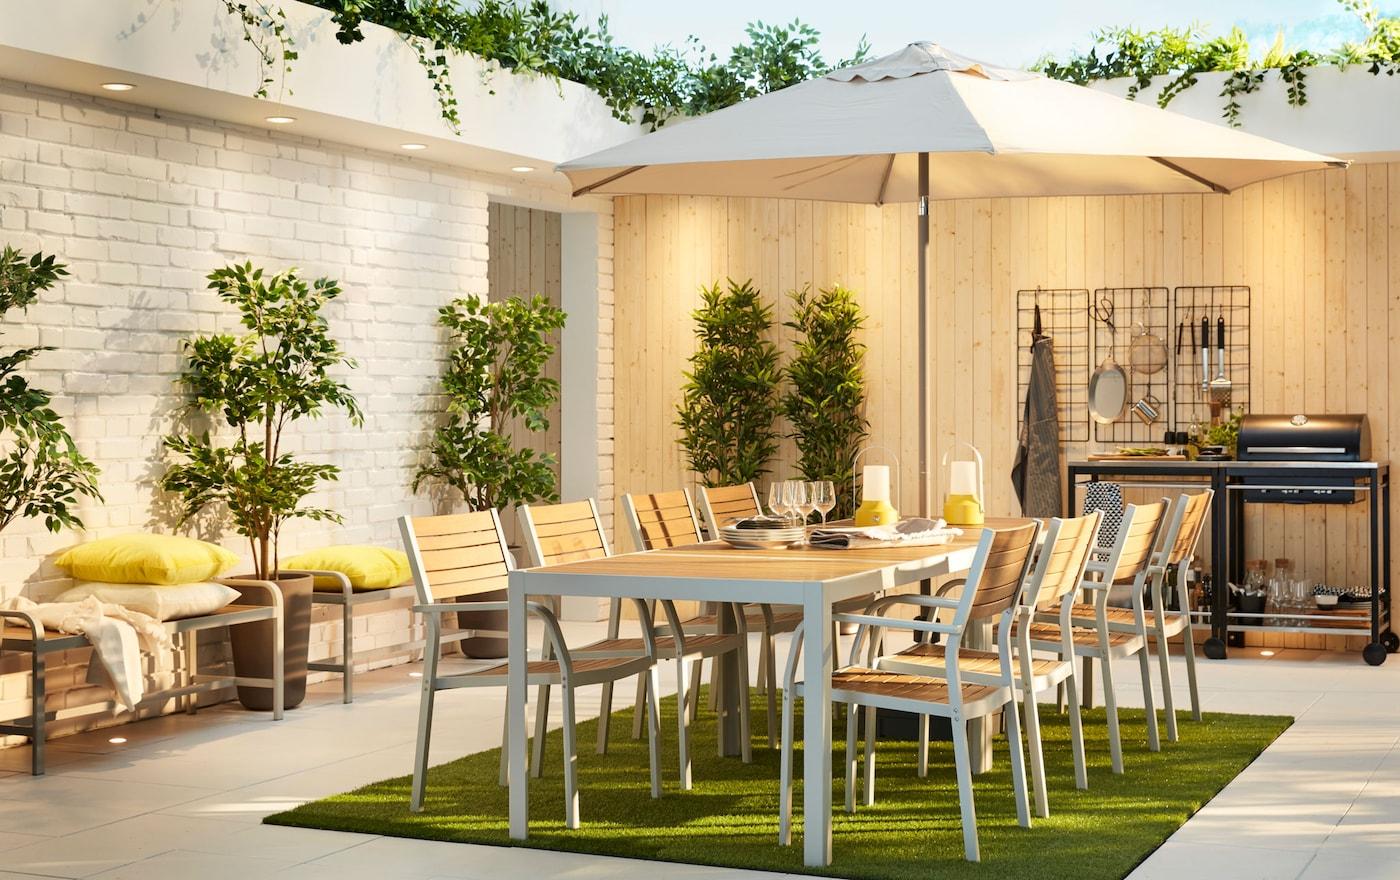 Helle, große Terasse mit stilvollen SJÄLLAND Tisch & SJÄLLAND Stühlen in Hellbraun